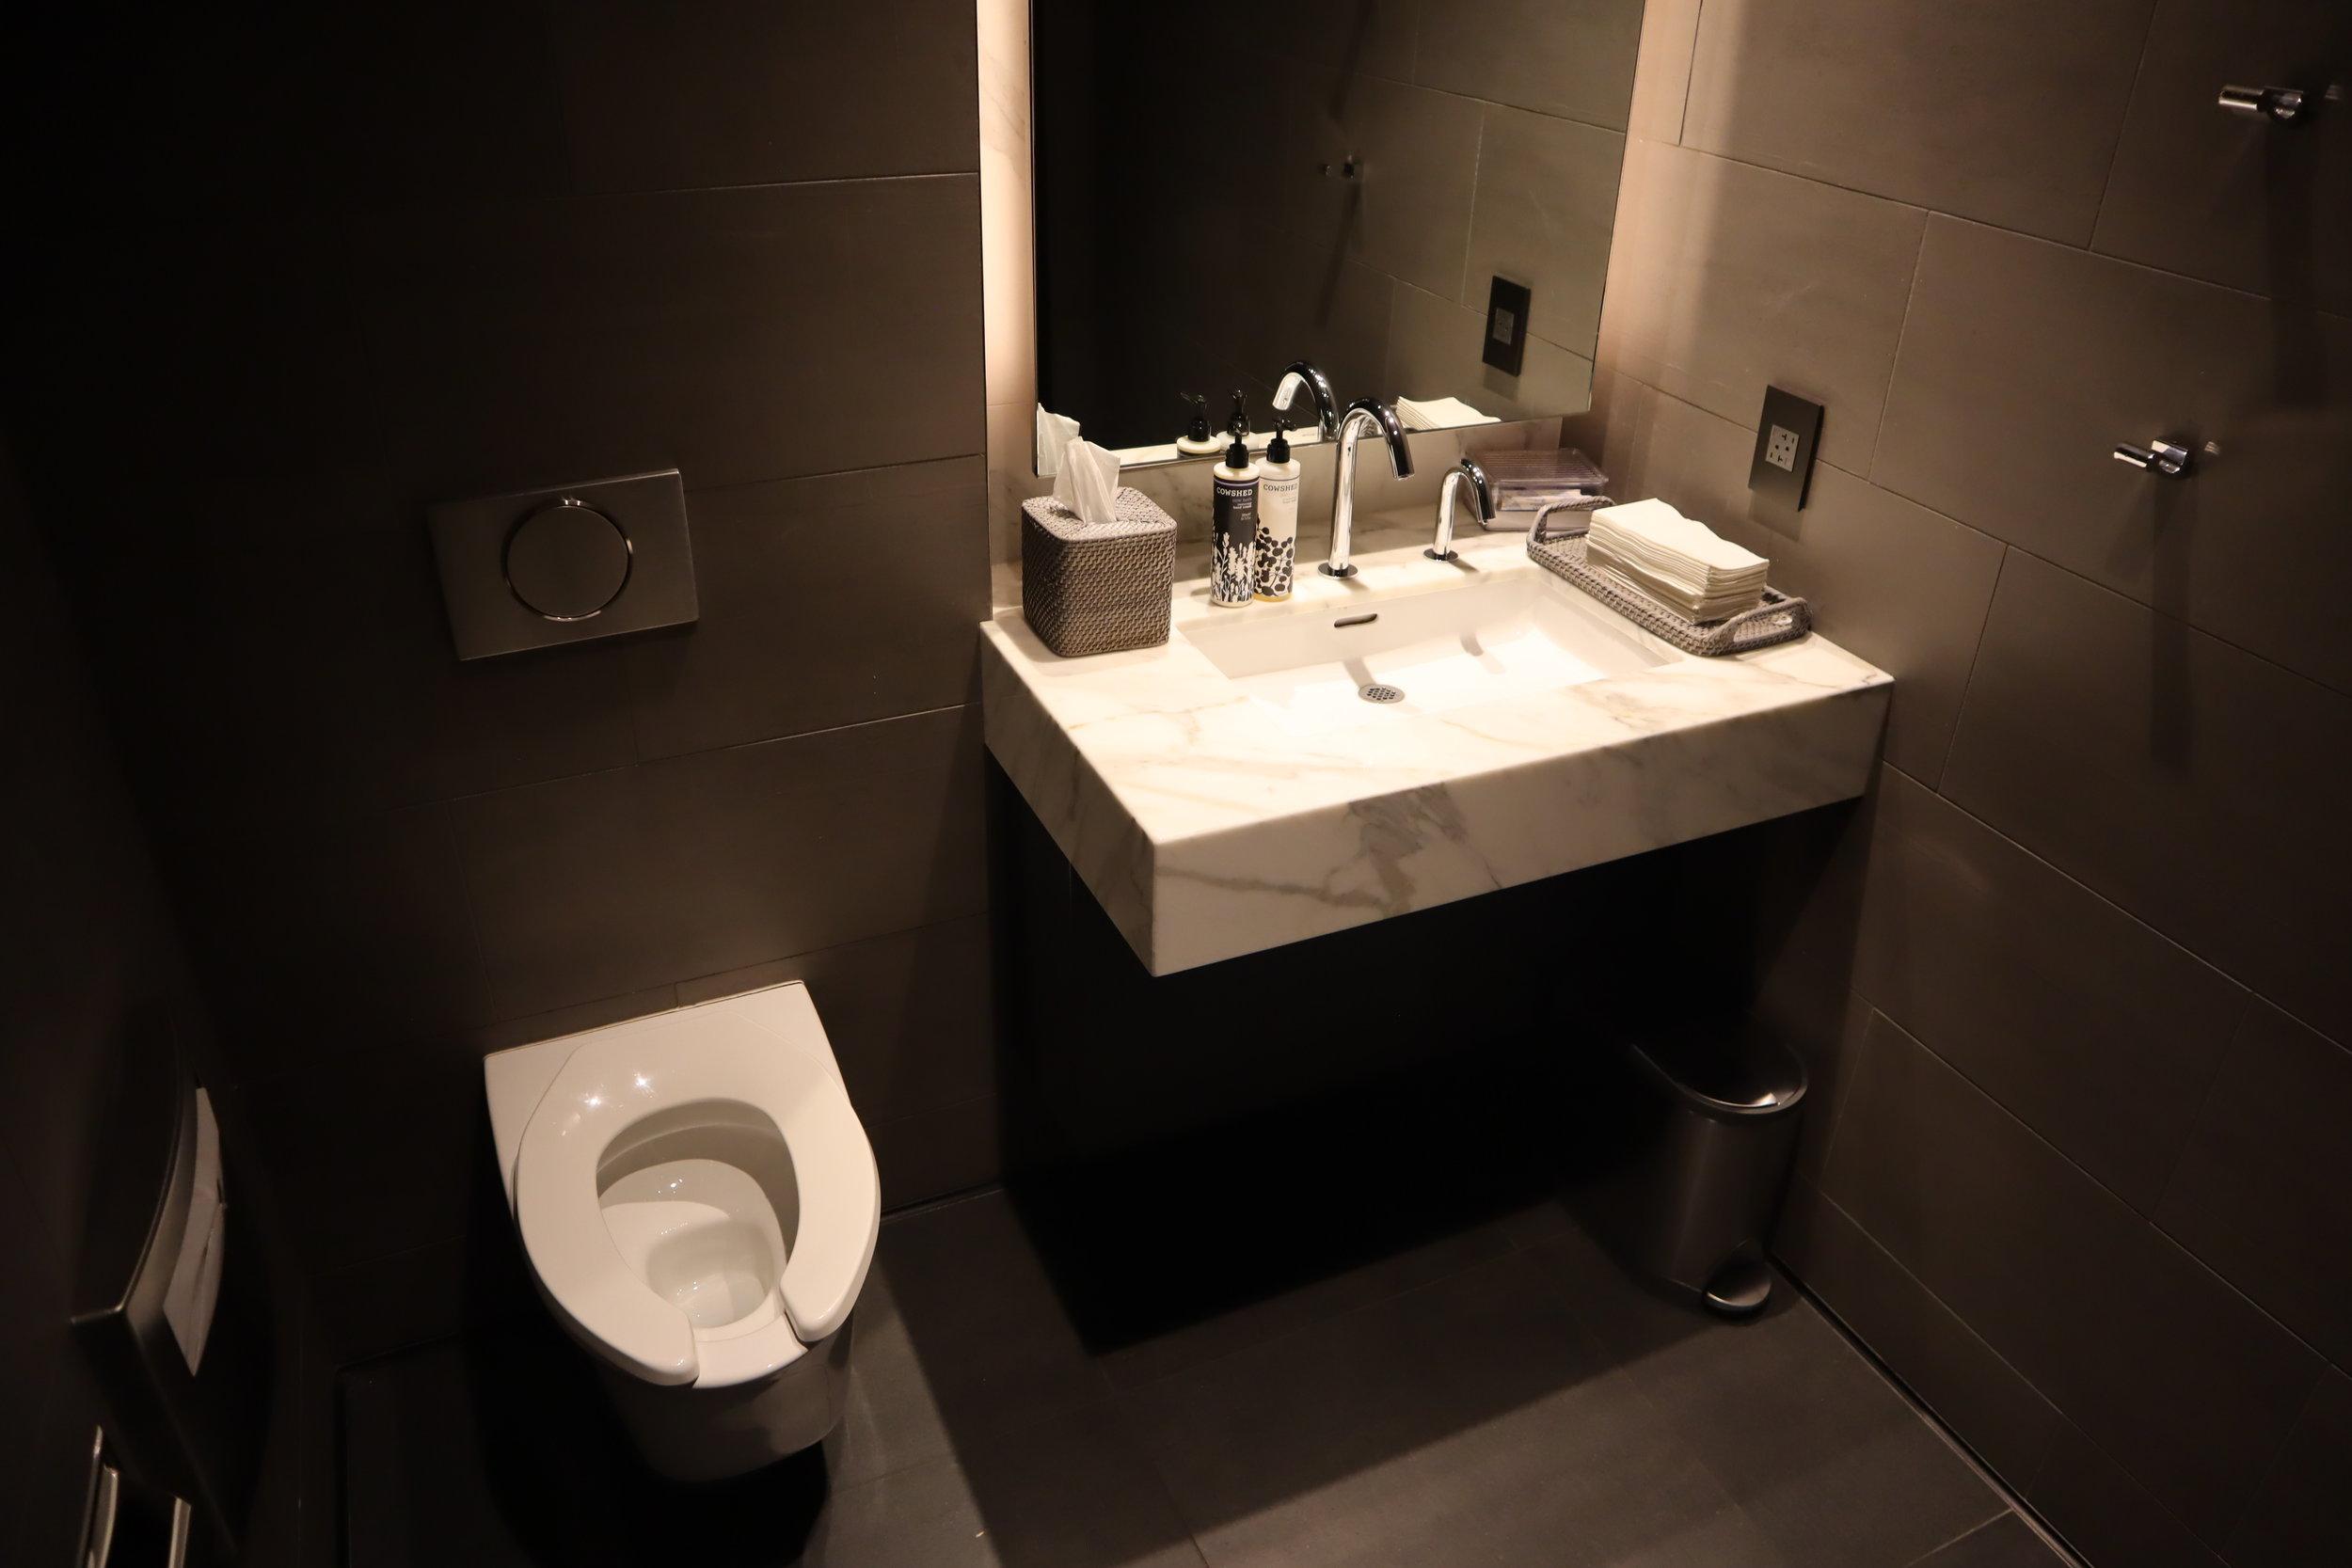 United Polaris Lounge Newark – Bathroom